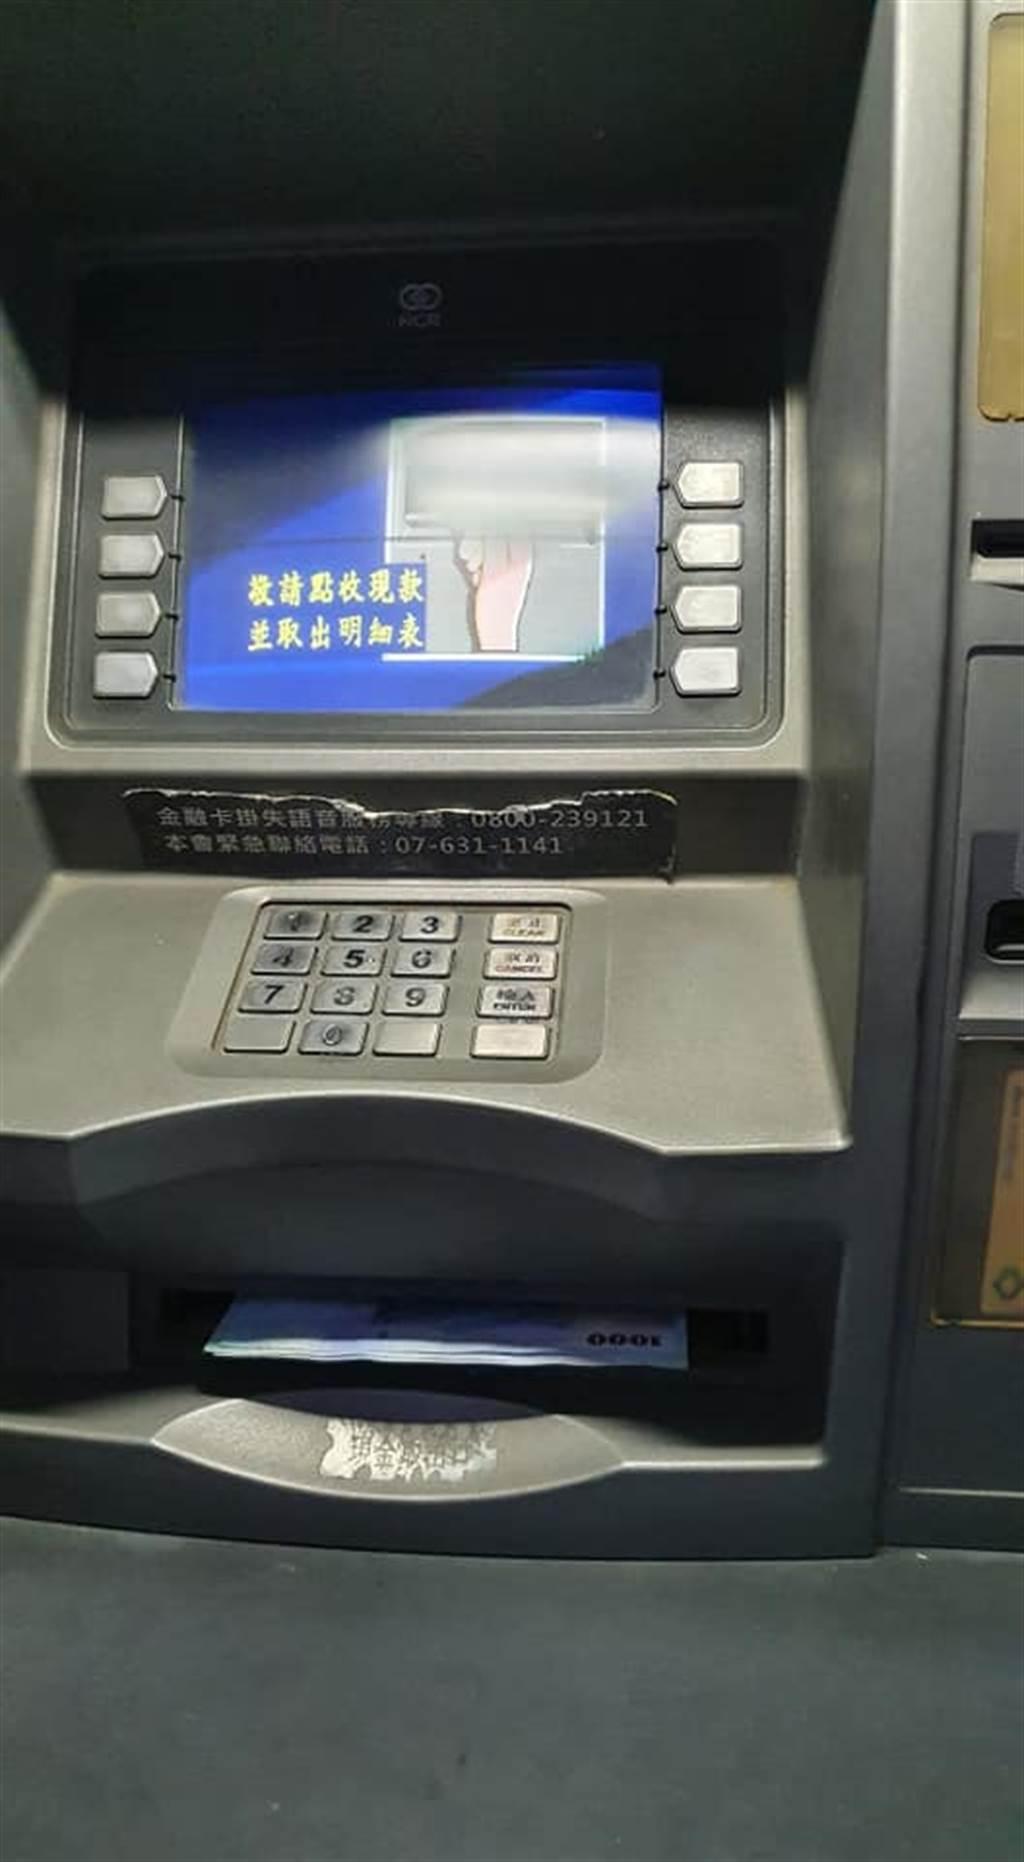 門口的ATM自民國84年裝設至今,已有26年的時間。(圖/翻攝自路上觀察學院)